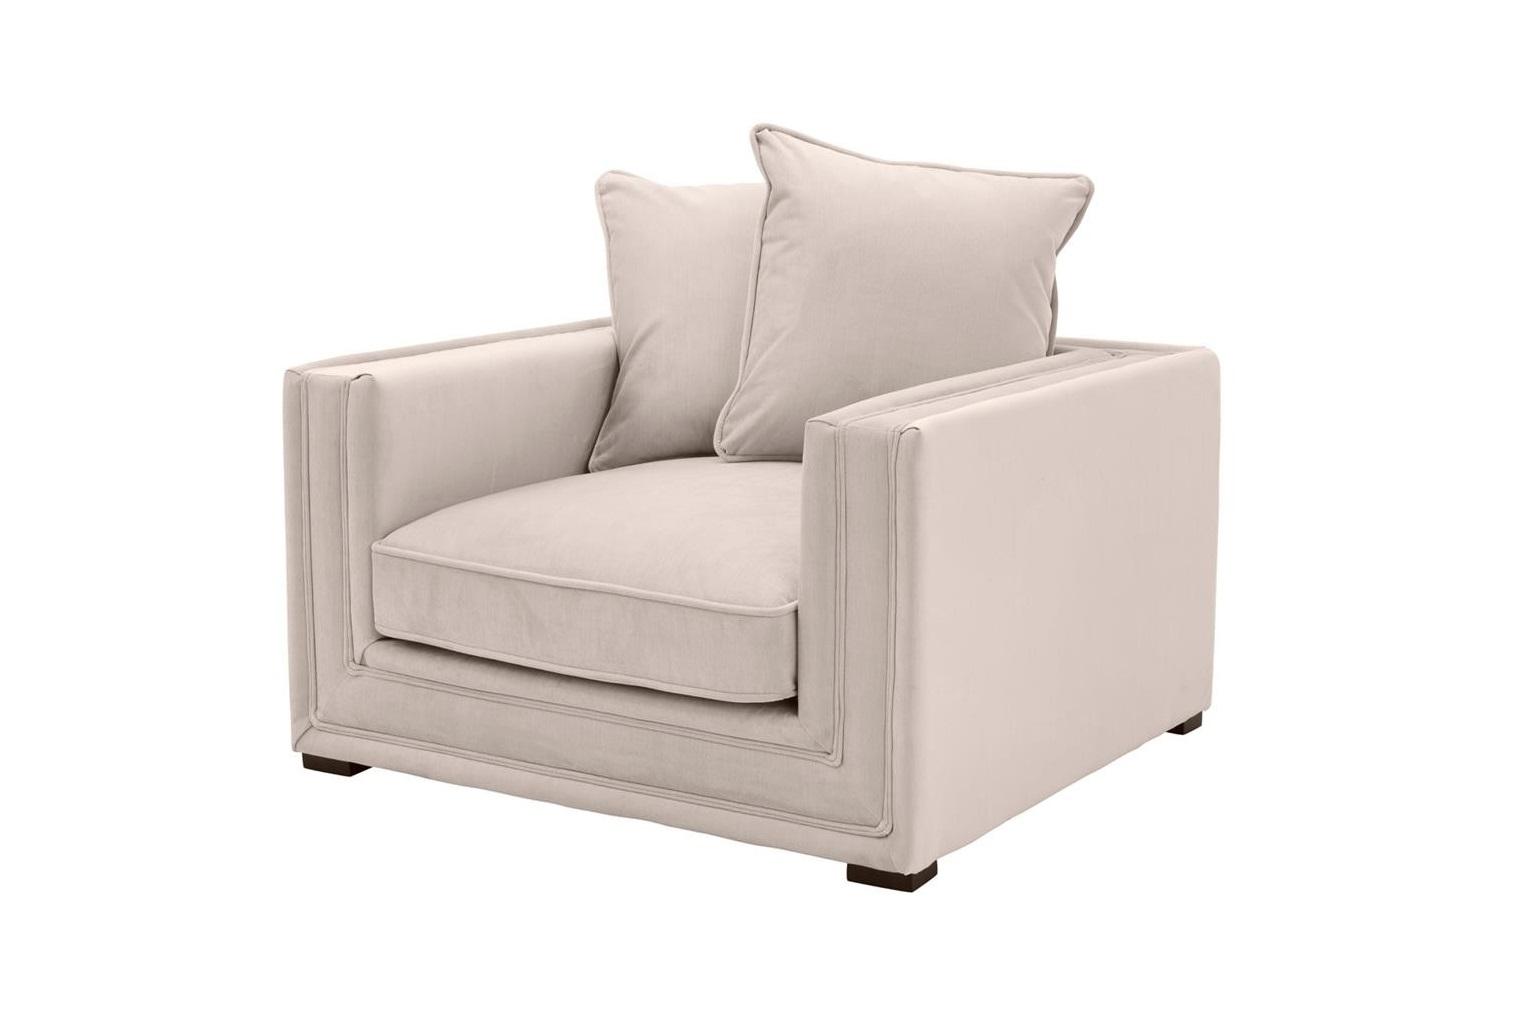 Кресло MenorcaИнтерьерные кресла<br><br><br>Material: Текстиль<br>Ширина см: 112<br>Высота см: 83<br>Глубина см: 106